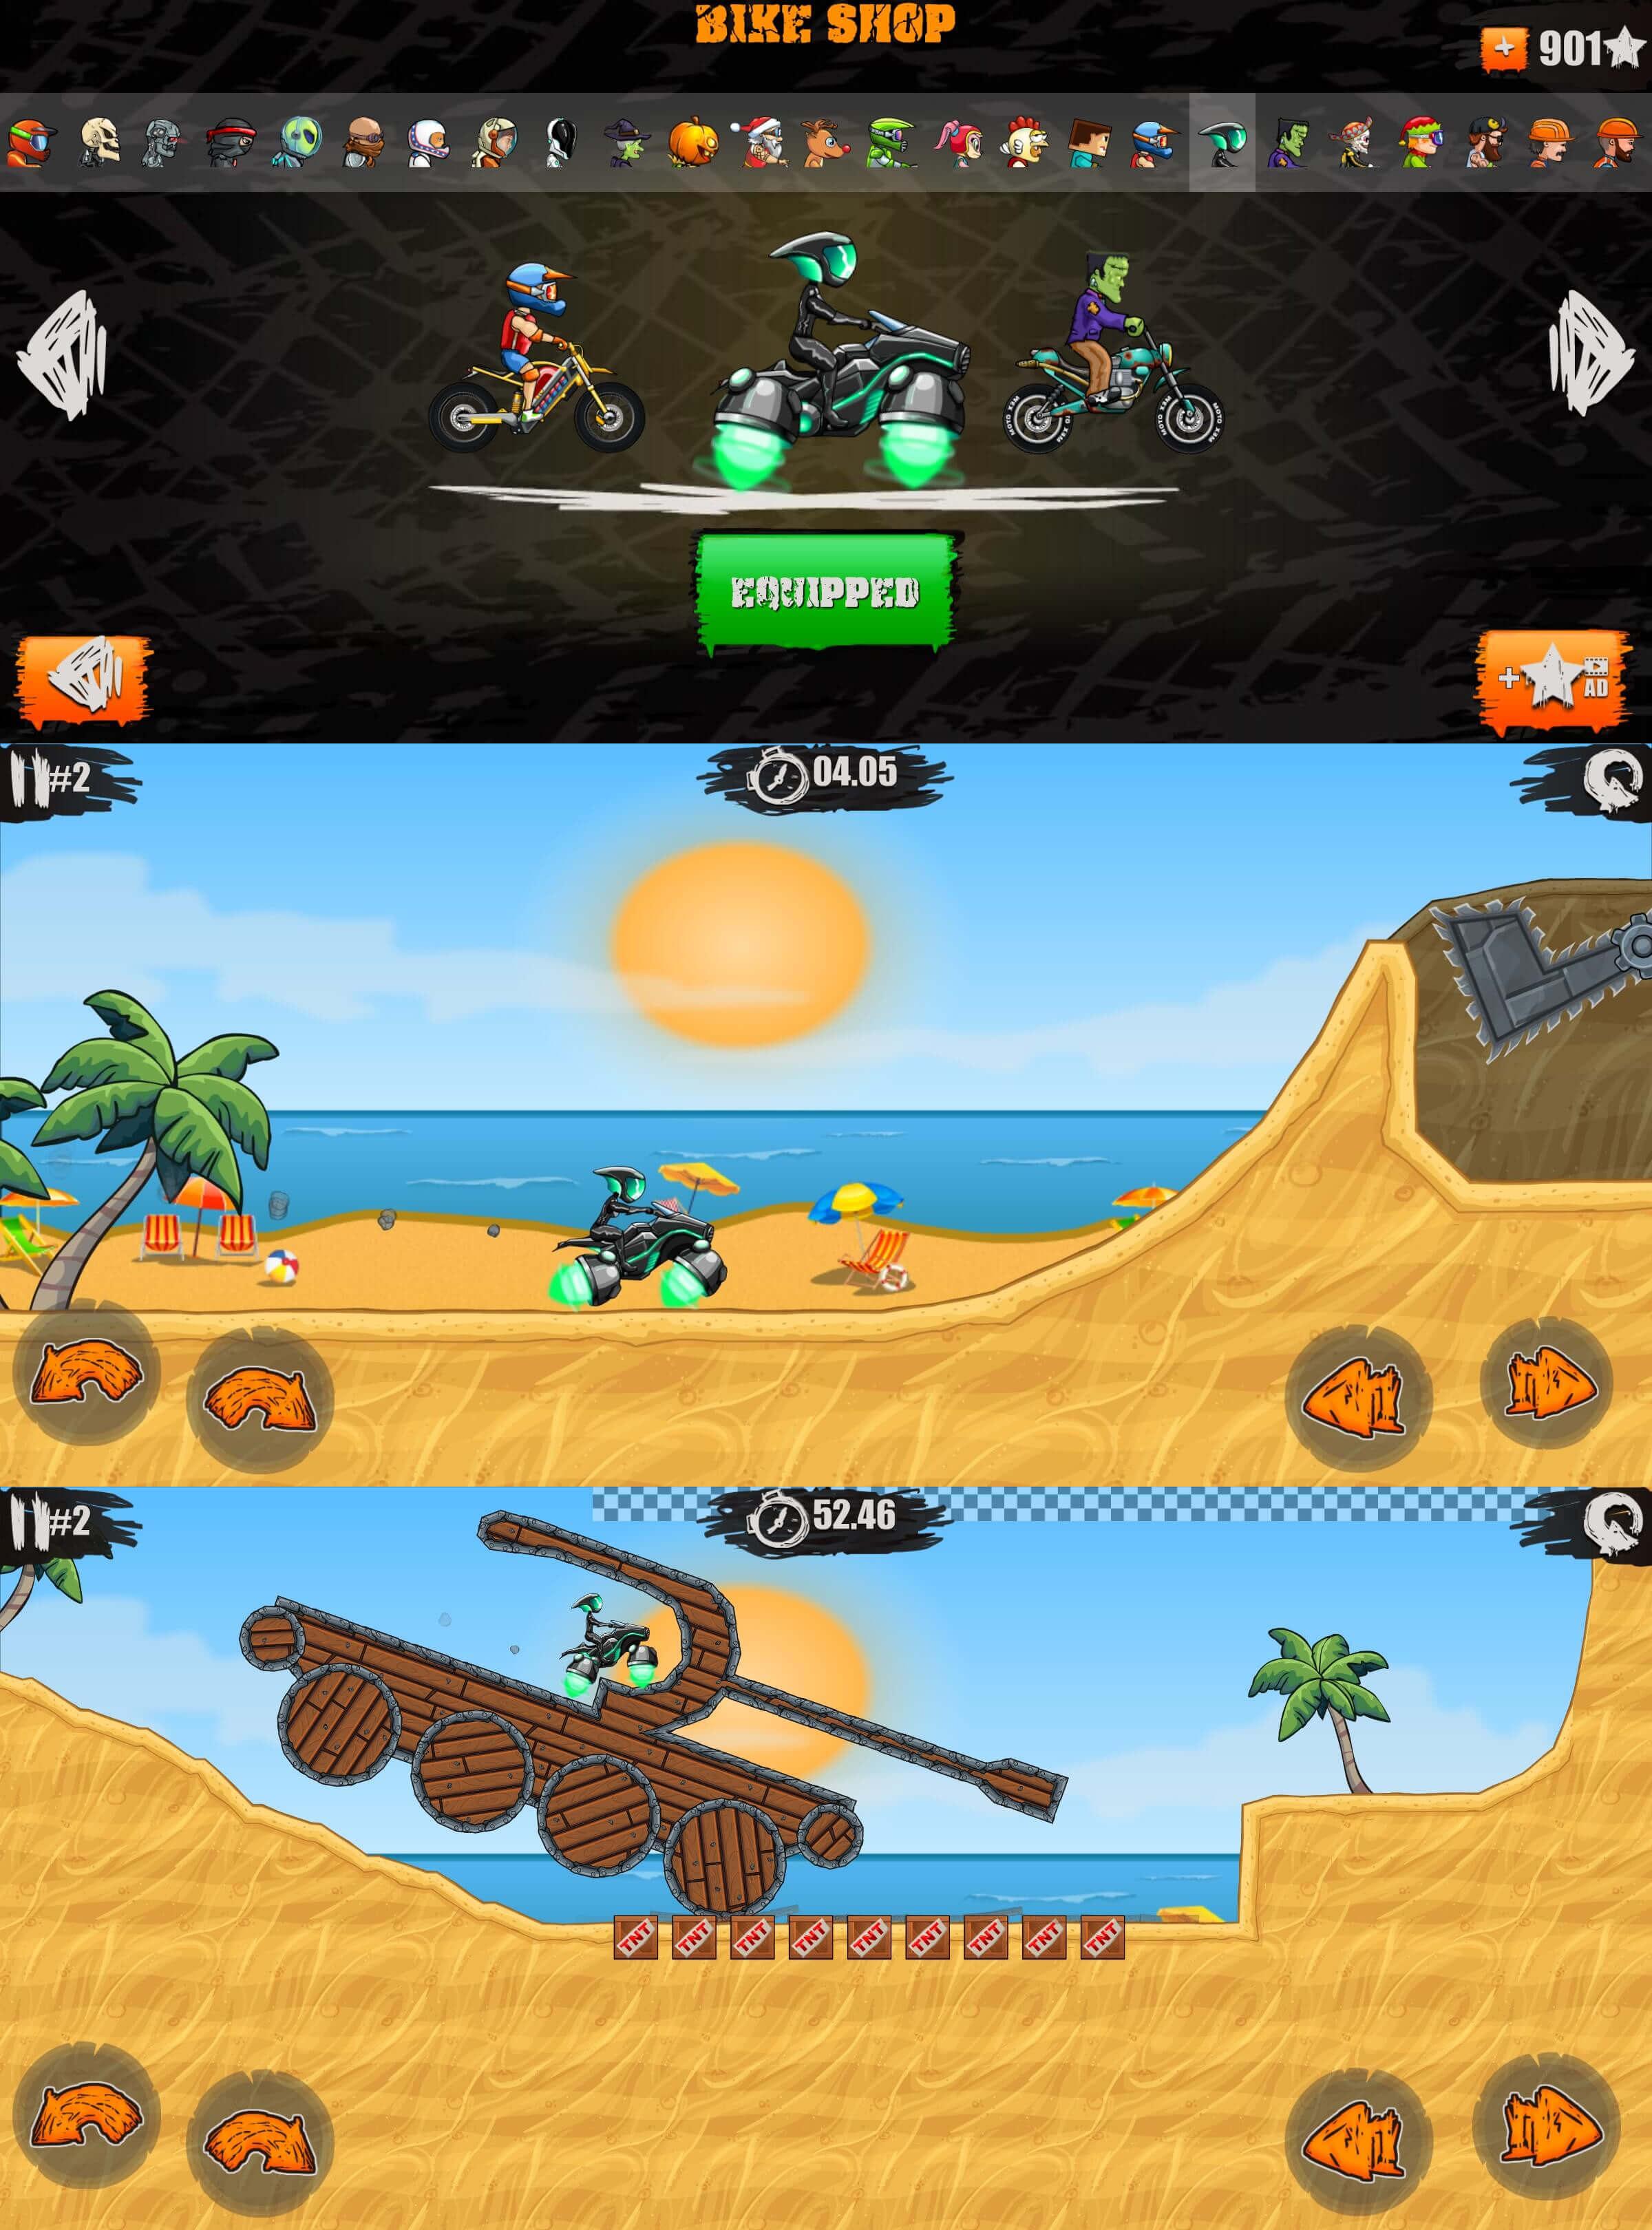 安卓游戏狂野飚客3破解版截图1